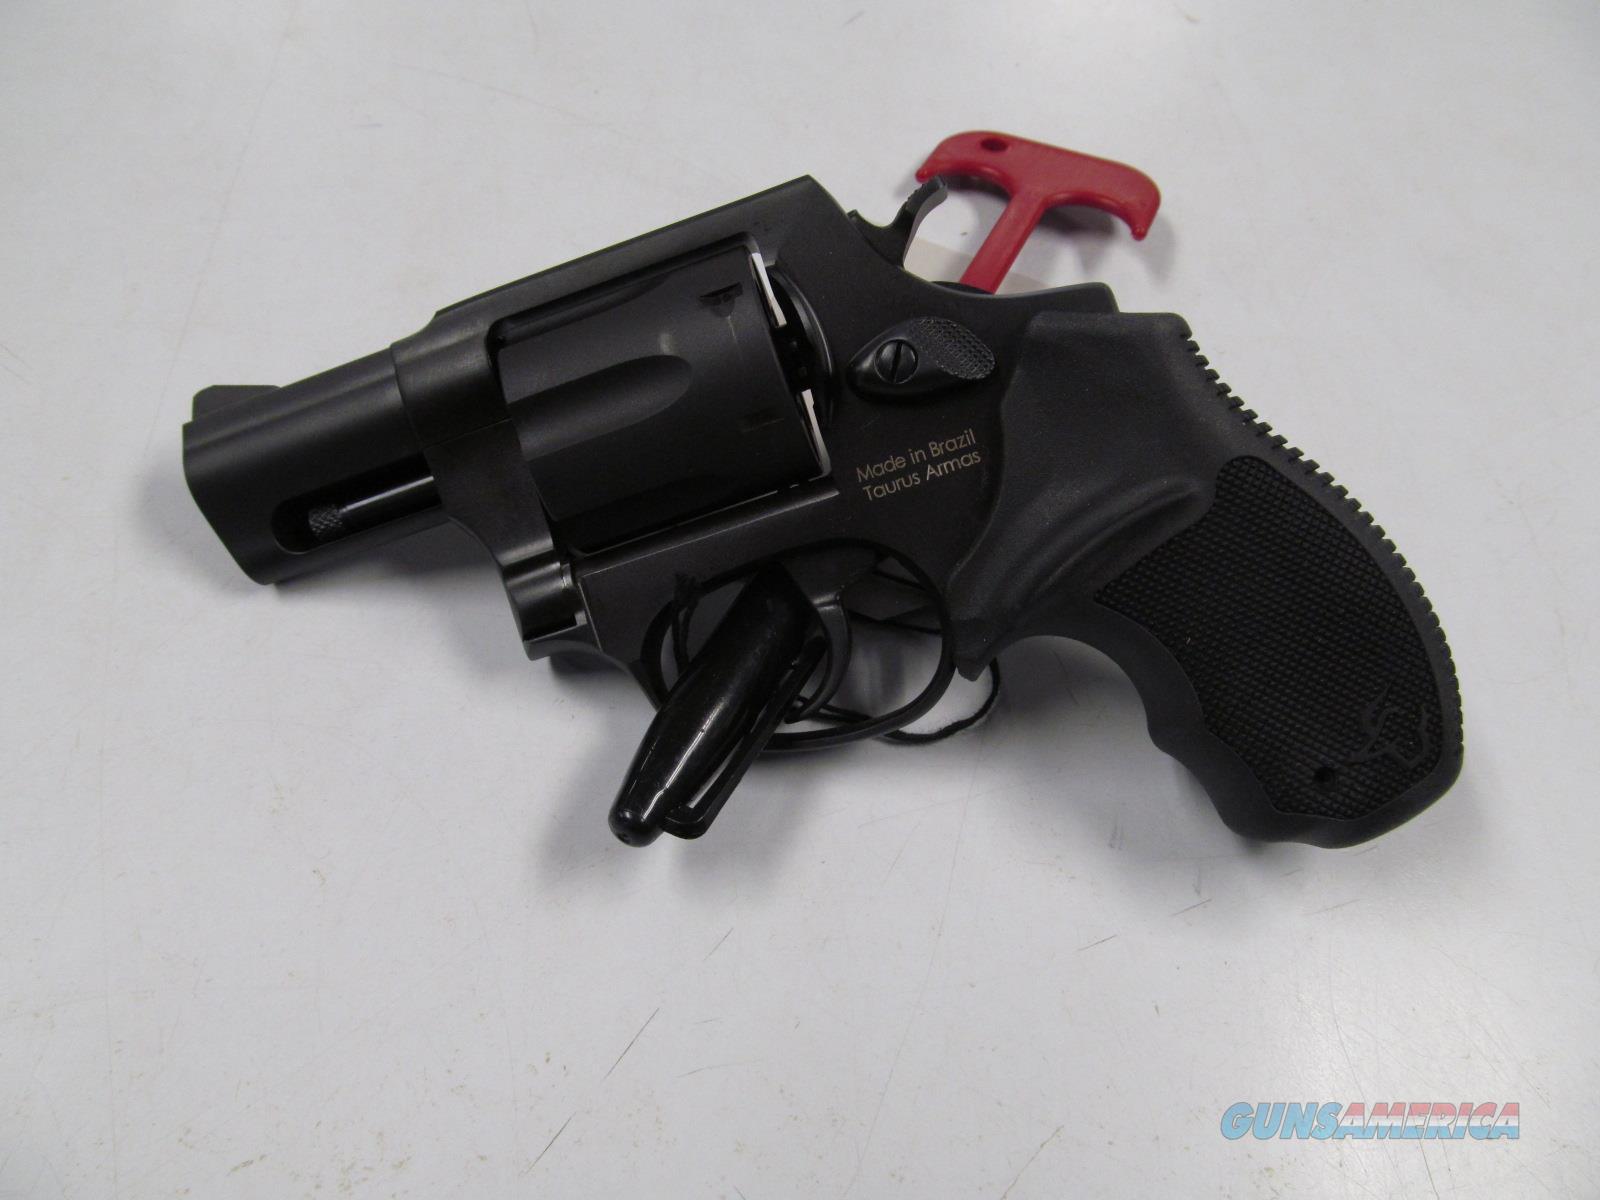 Taurus 856   Guns > Pistols > Taurus Pistols > Revolvers